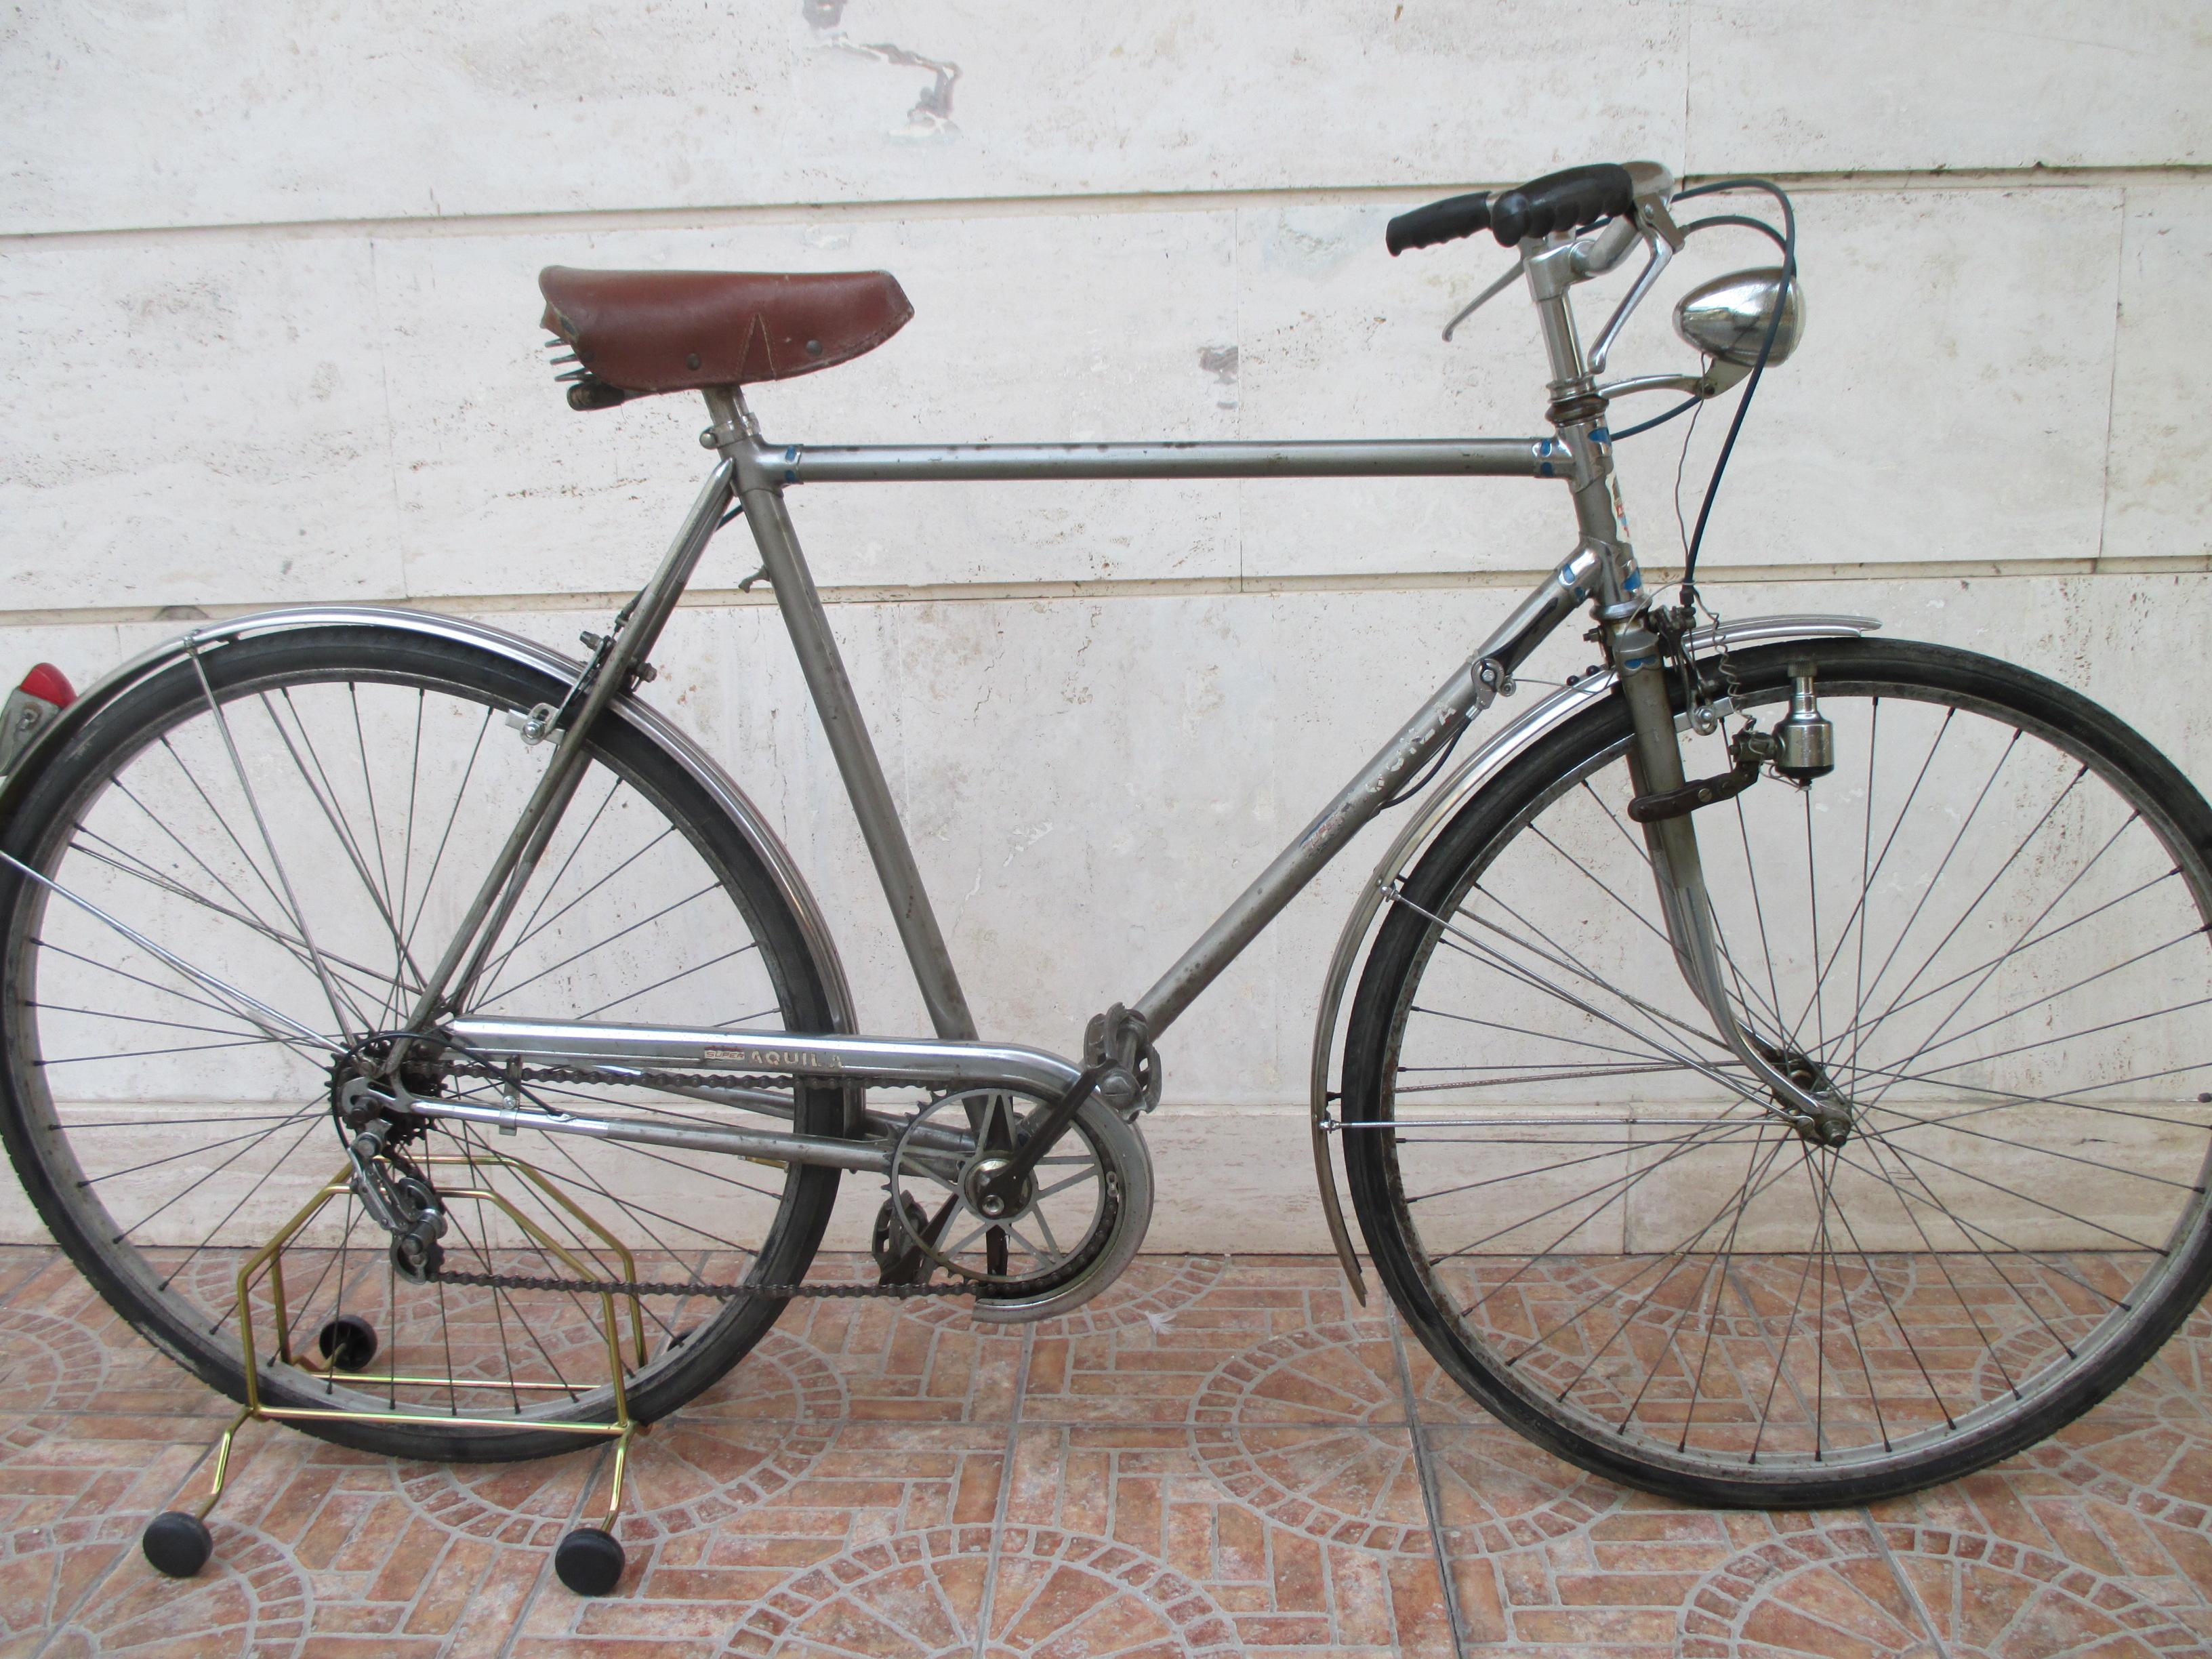 Bici fixed usate tutte le offerte cascare a fagiolo for Offerte bici elettriche usate